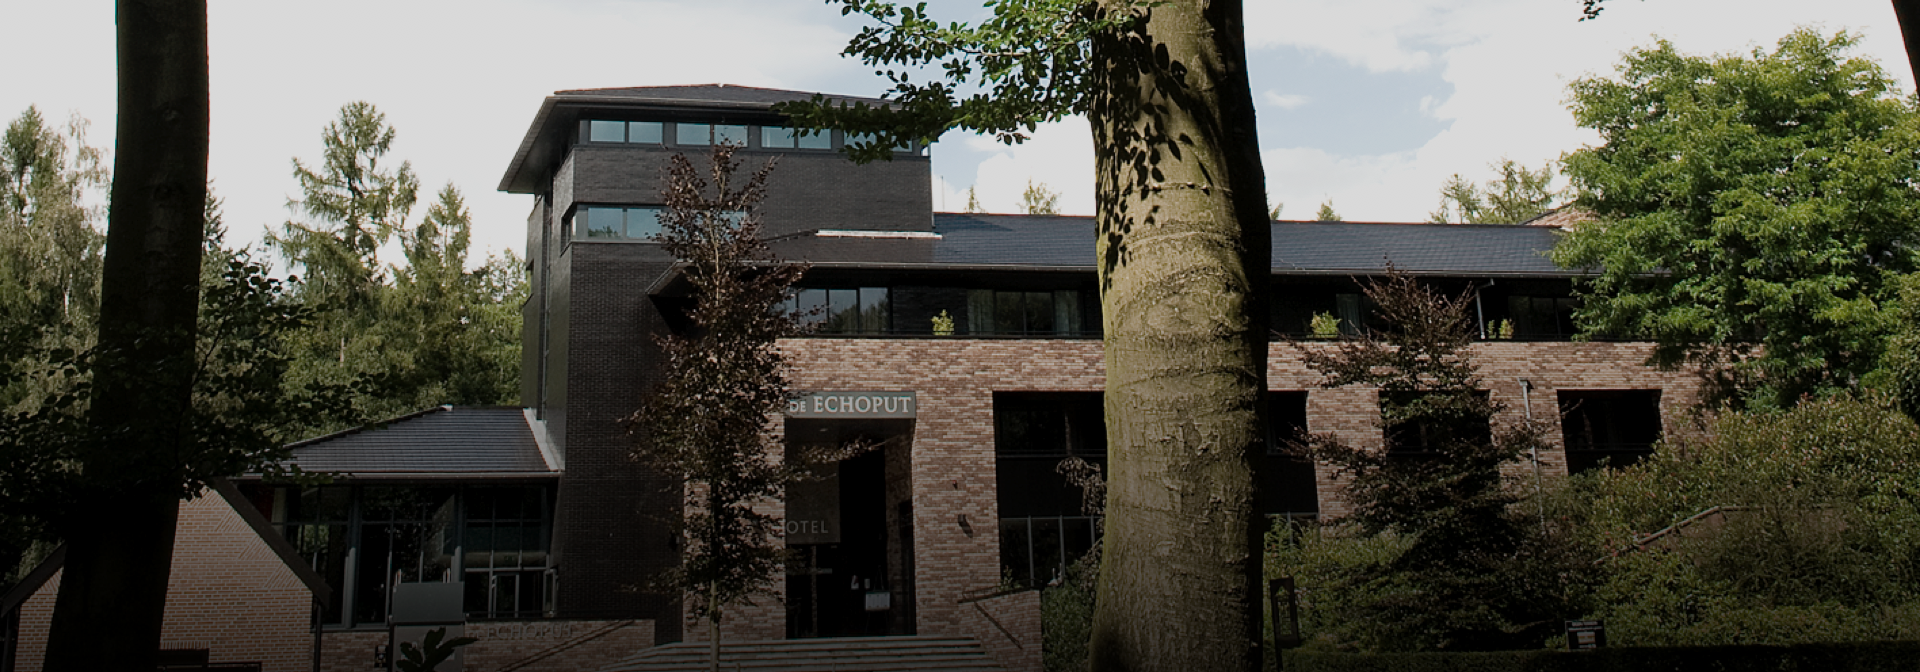 2fd737fe8a8975 De Echoput: een 5-sterren hotel met een verhaal. | Lees onze historie